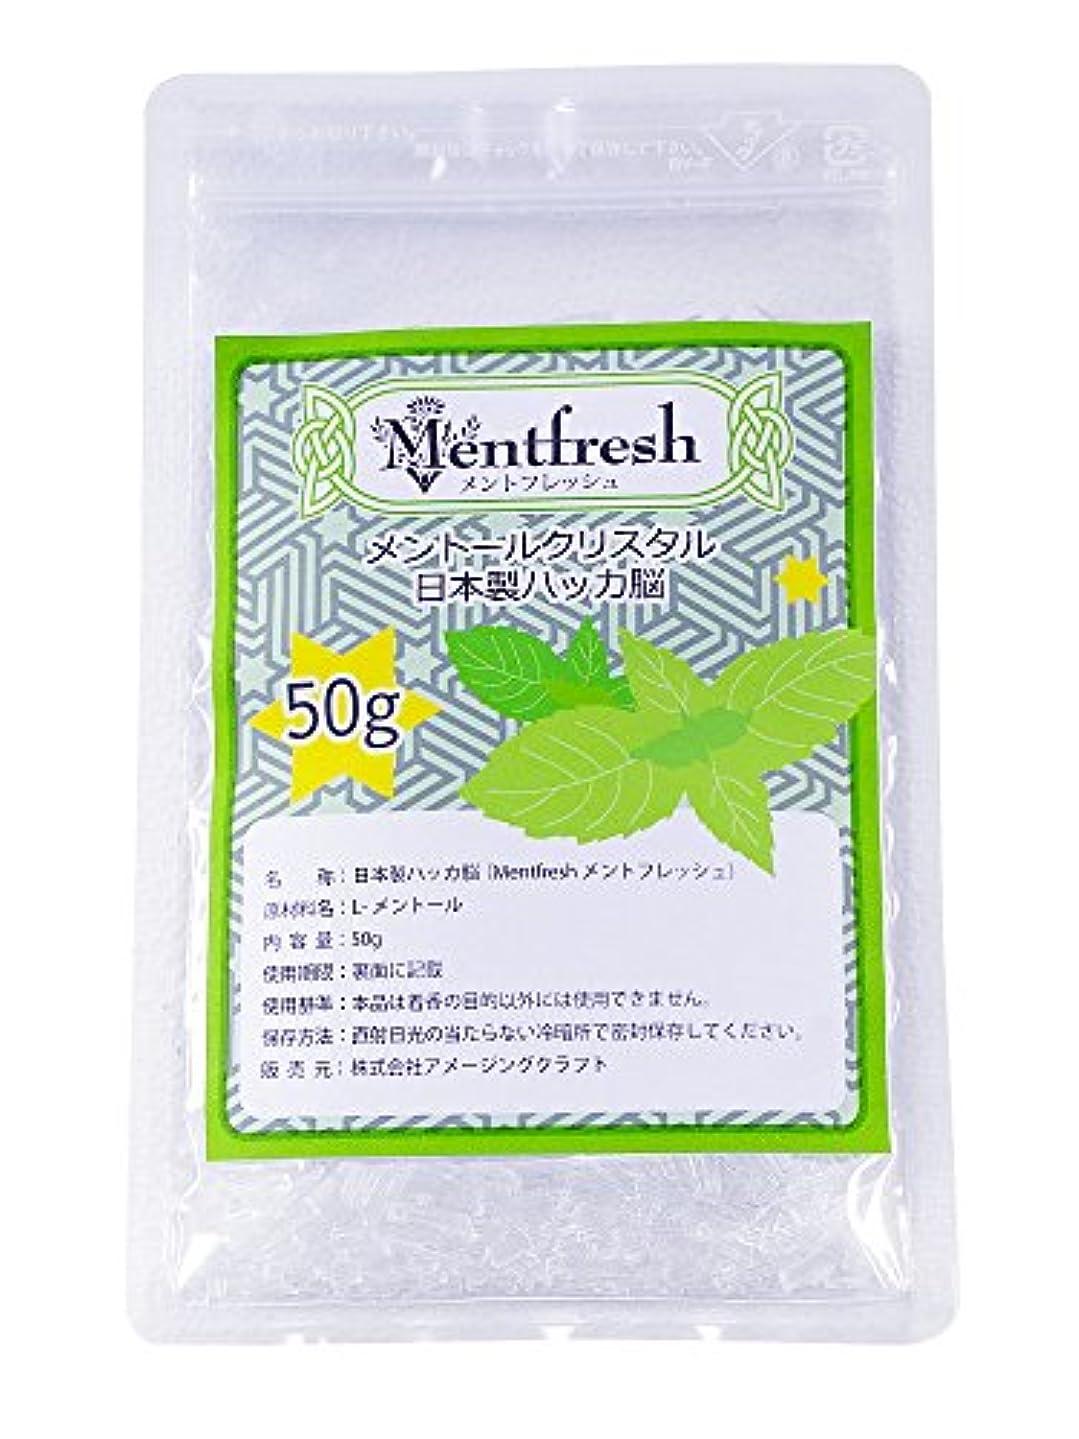 食品タンカー手当日本製 ハッカ結晶 メントフレッシュ メントールクリスタル (50g)